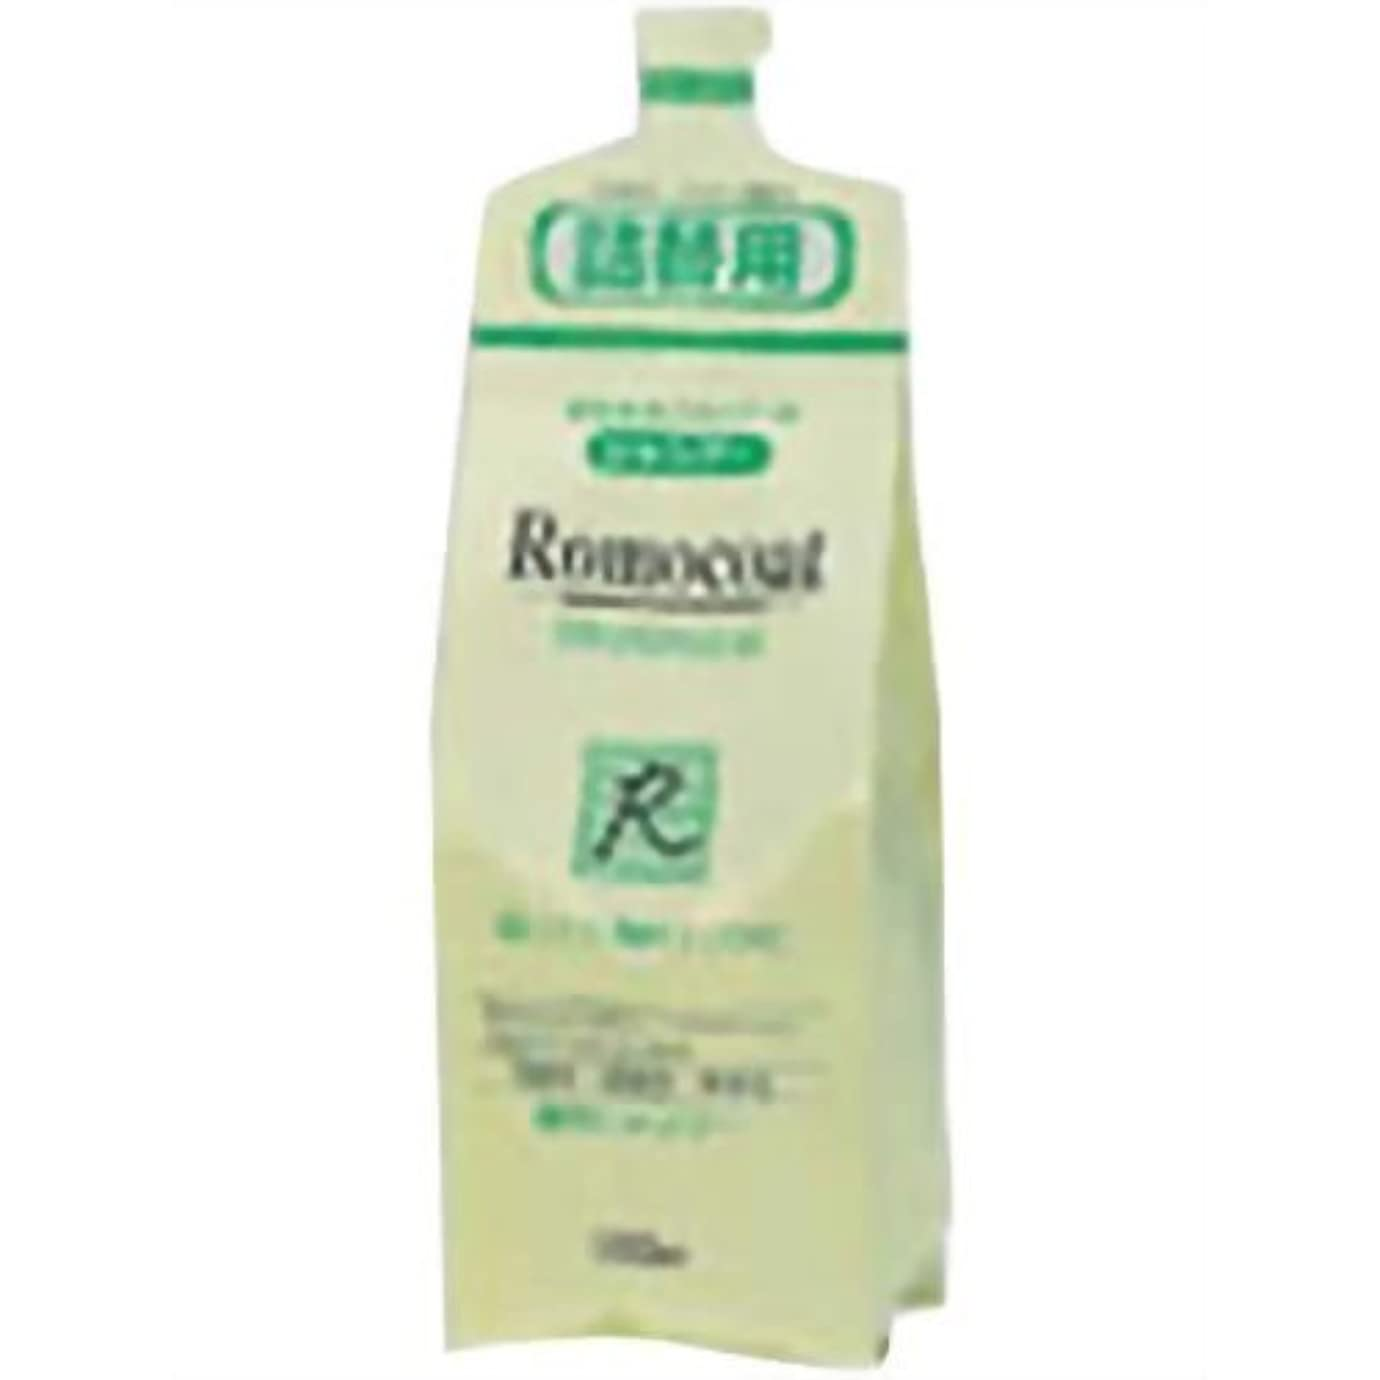 ロモコートシャンプーM(詰替用) 500ml